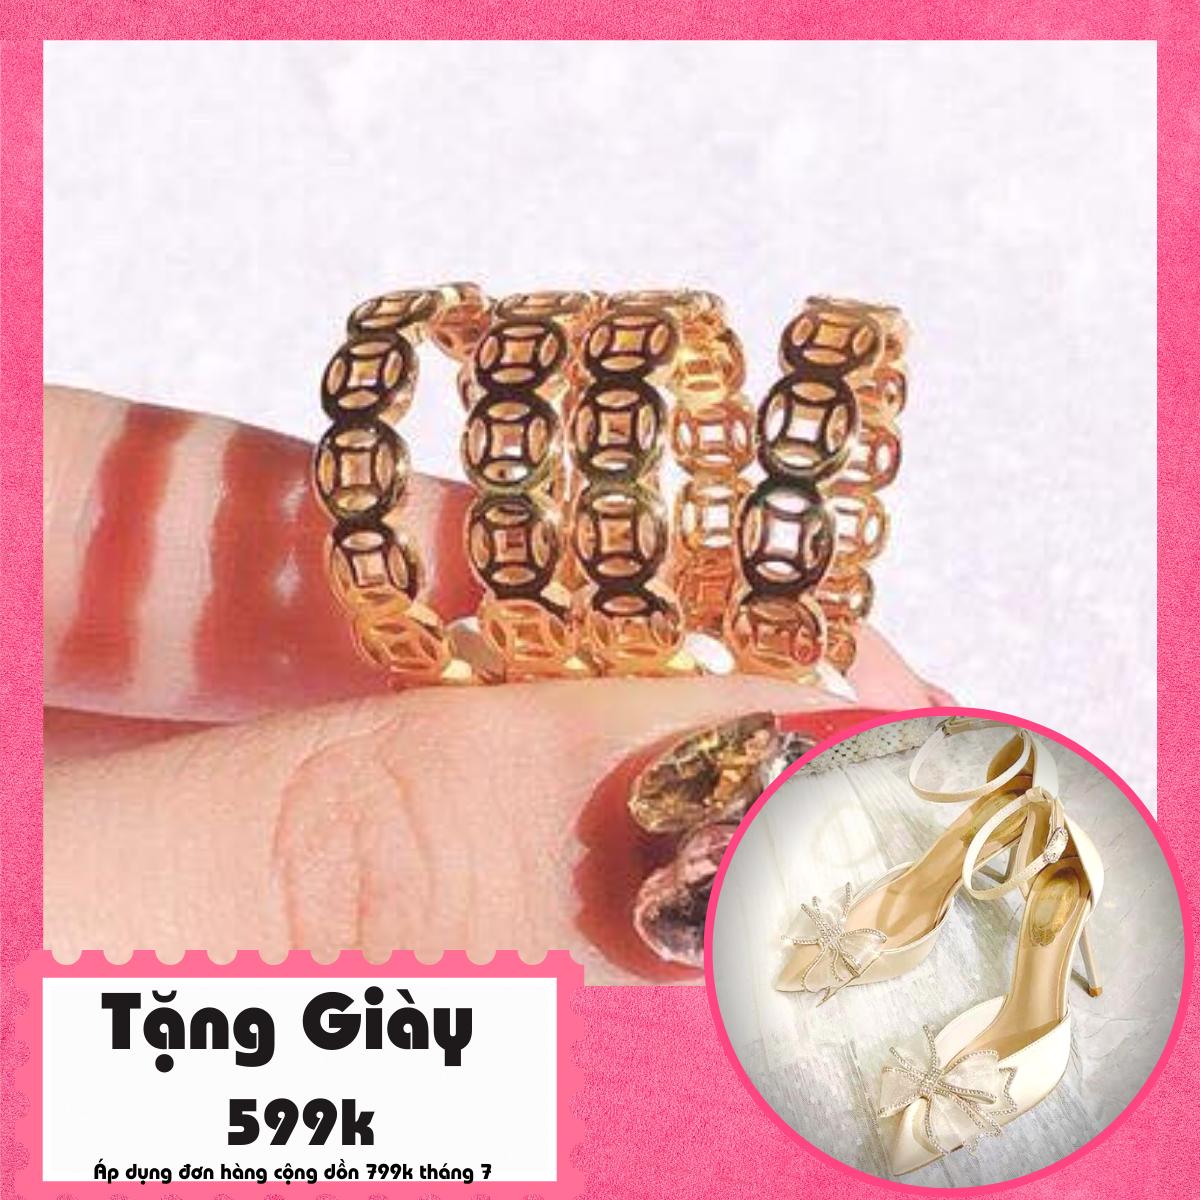 [HCM]Nhẫn mạ vàng nhẫn vàng non vàng trắng nhẫn mạ vàng thật 24k kim tiền mạ vàng phong thủy - Trang Sức GADO N117